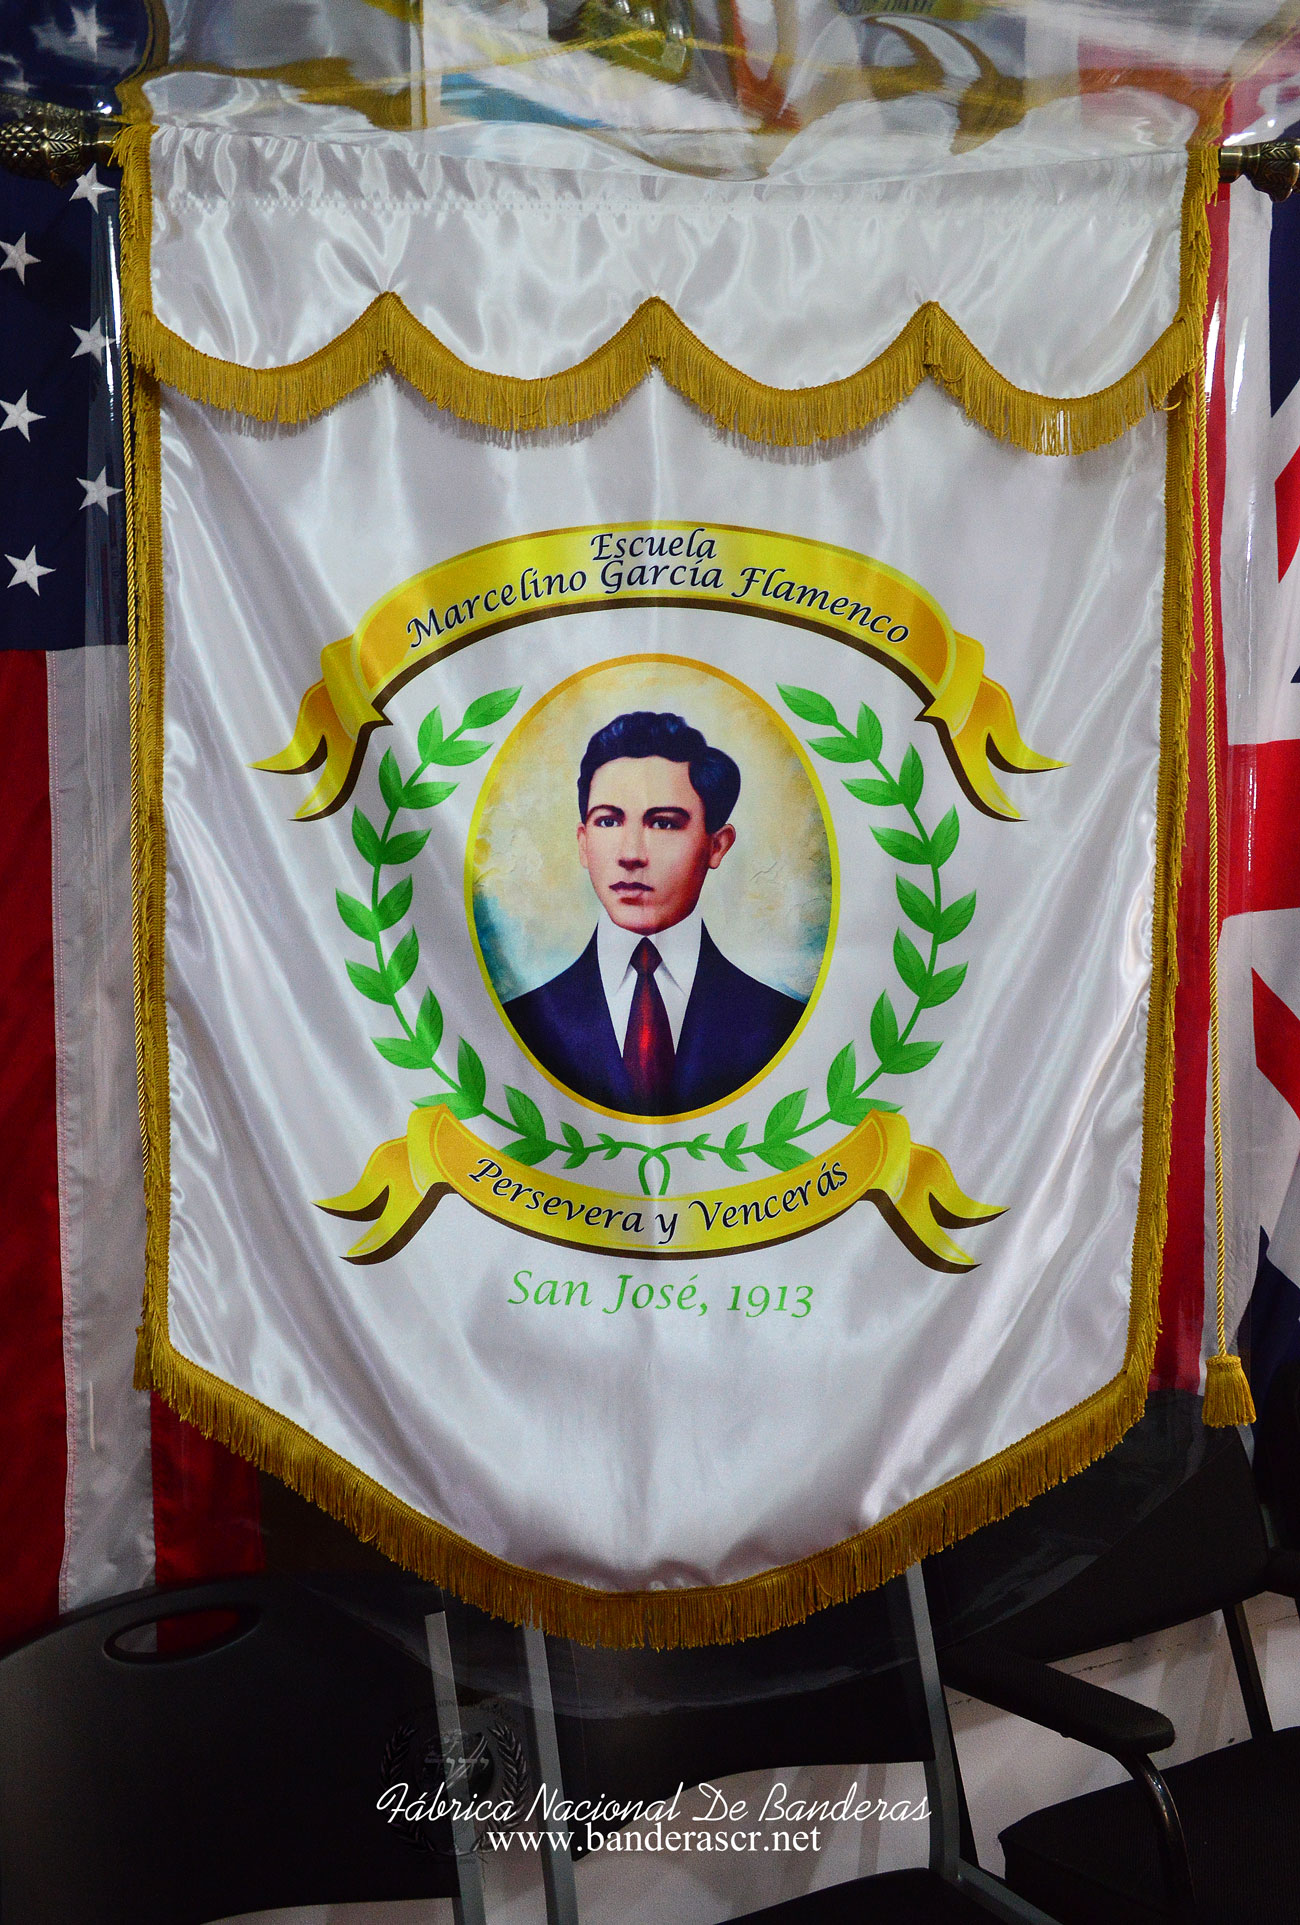 Fabrica Nacional De Banderas   Estandarte escuela